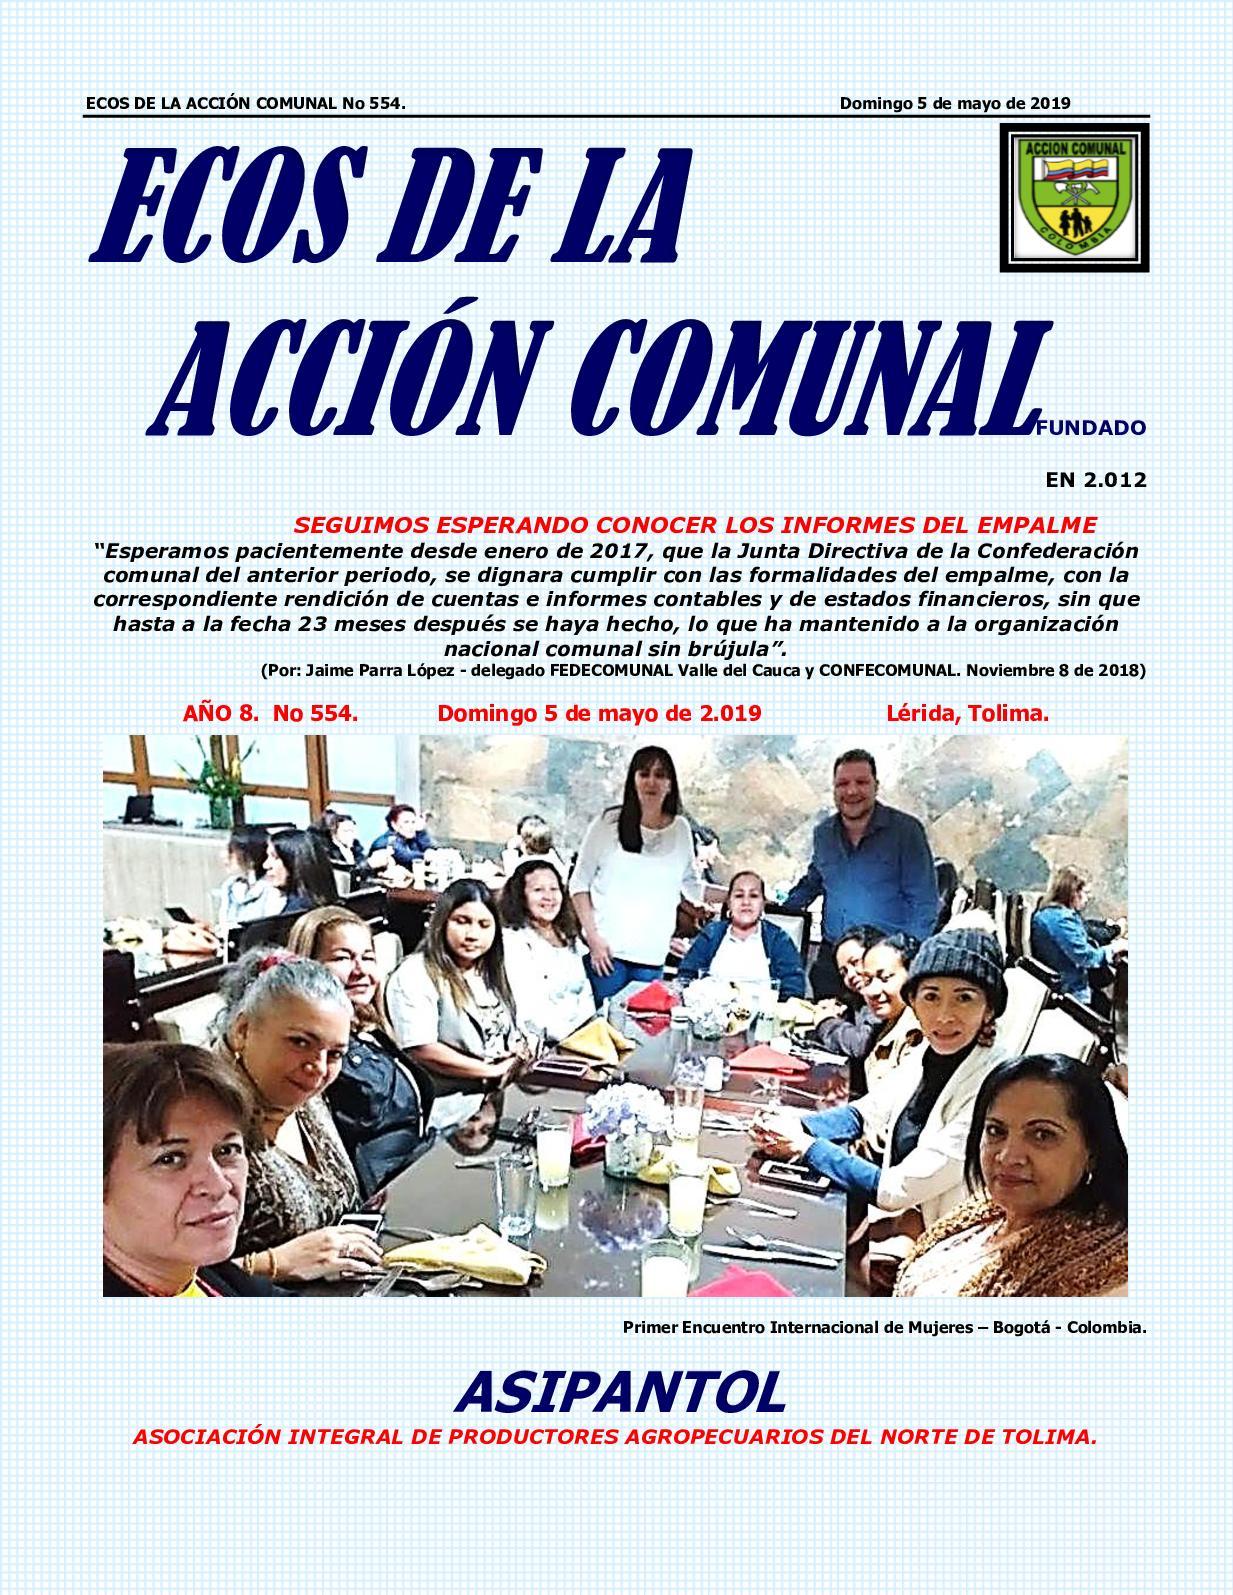 Ecos De La Acción Comunal No 554, Domingo 5 De Mayo De 2019